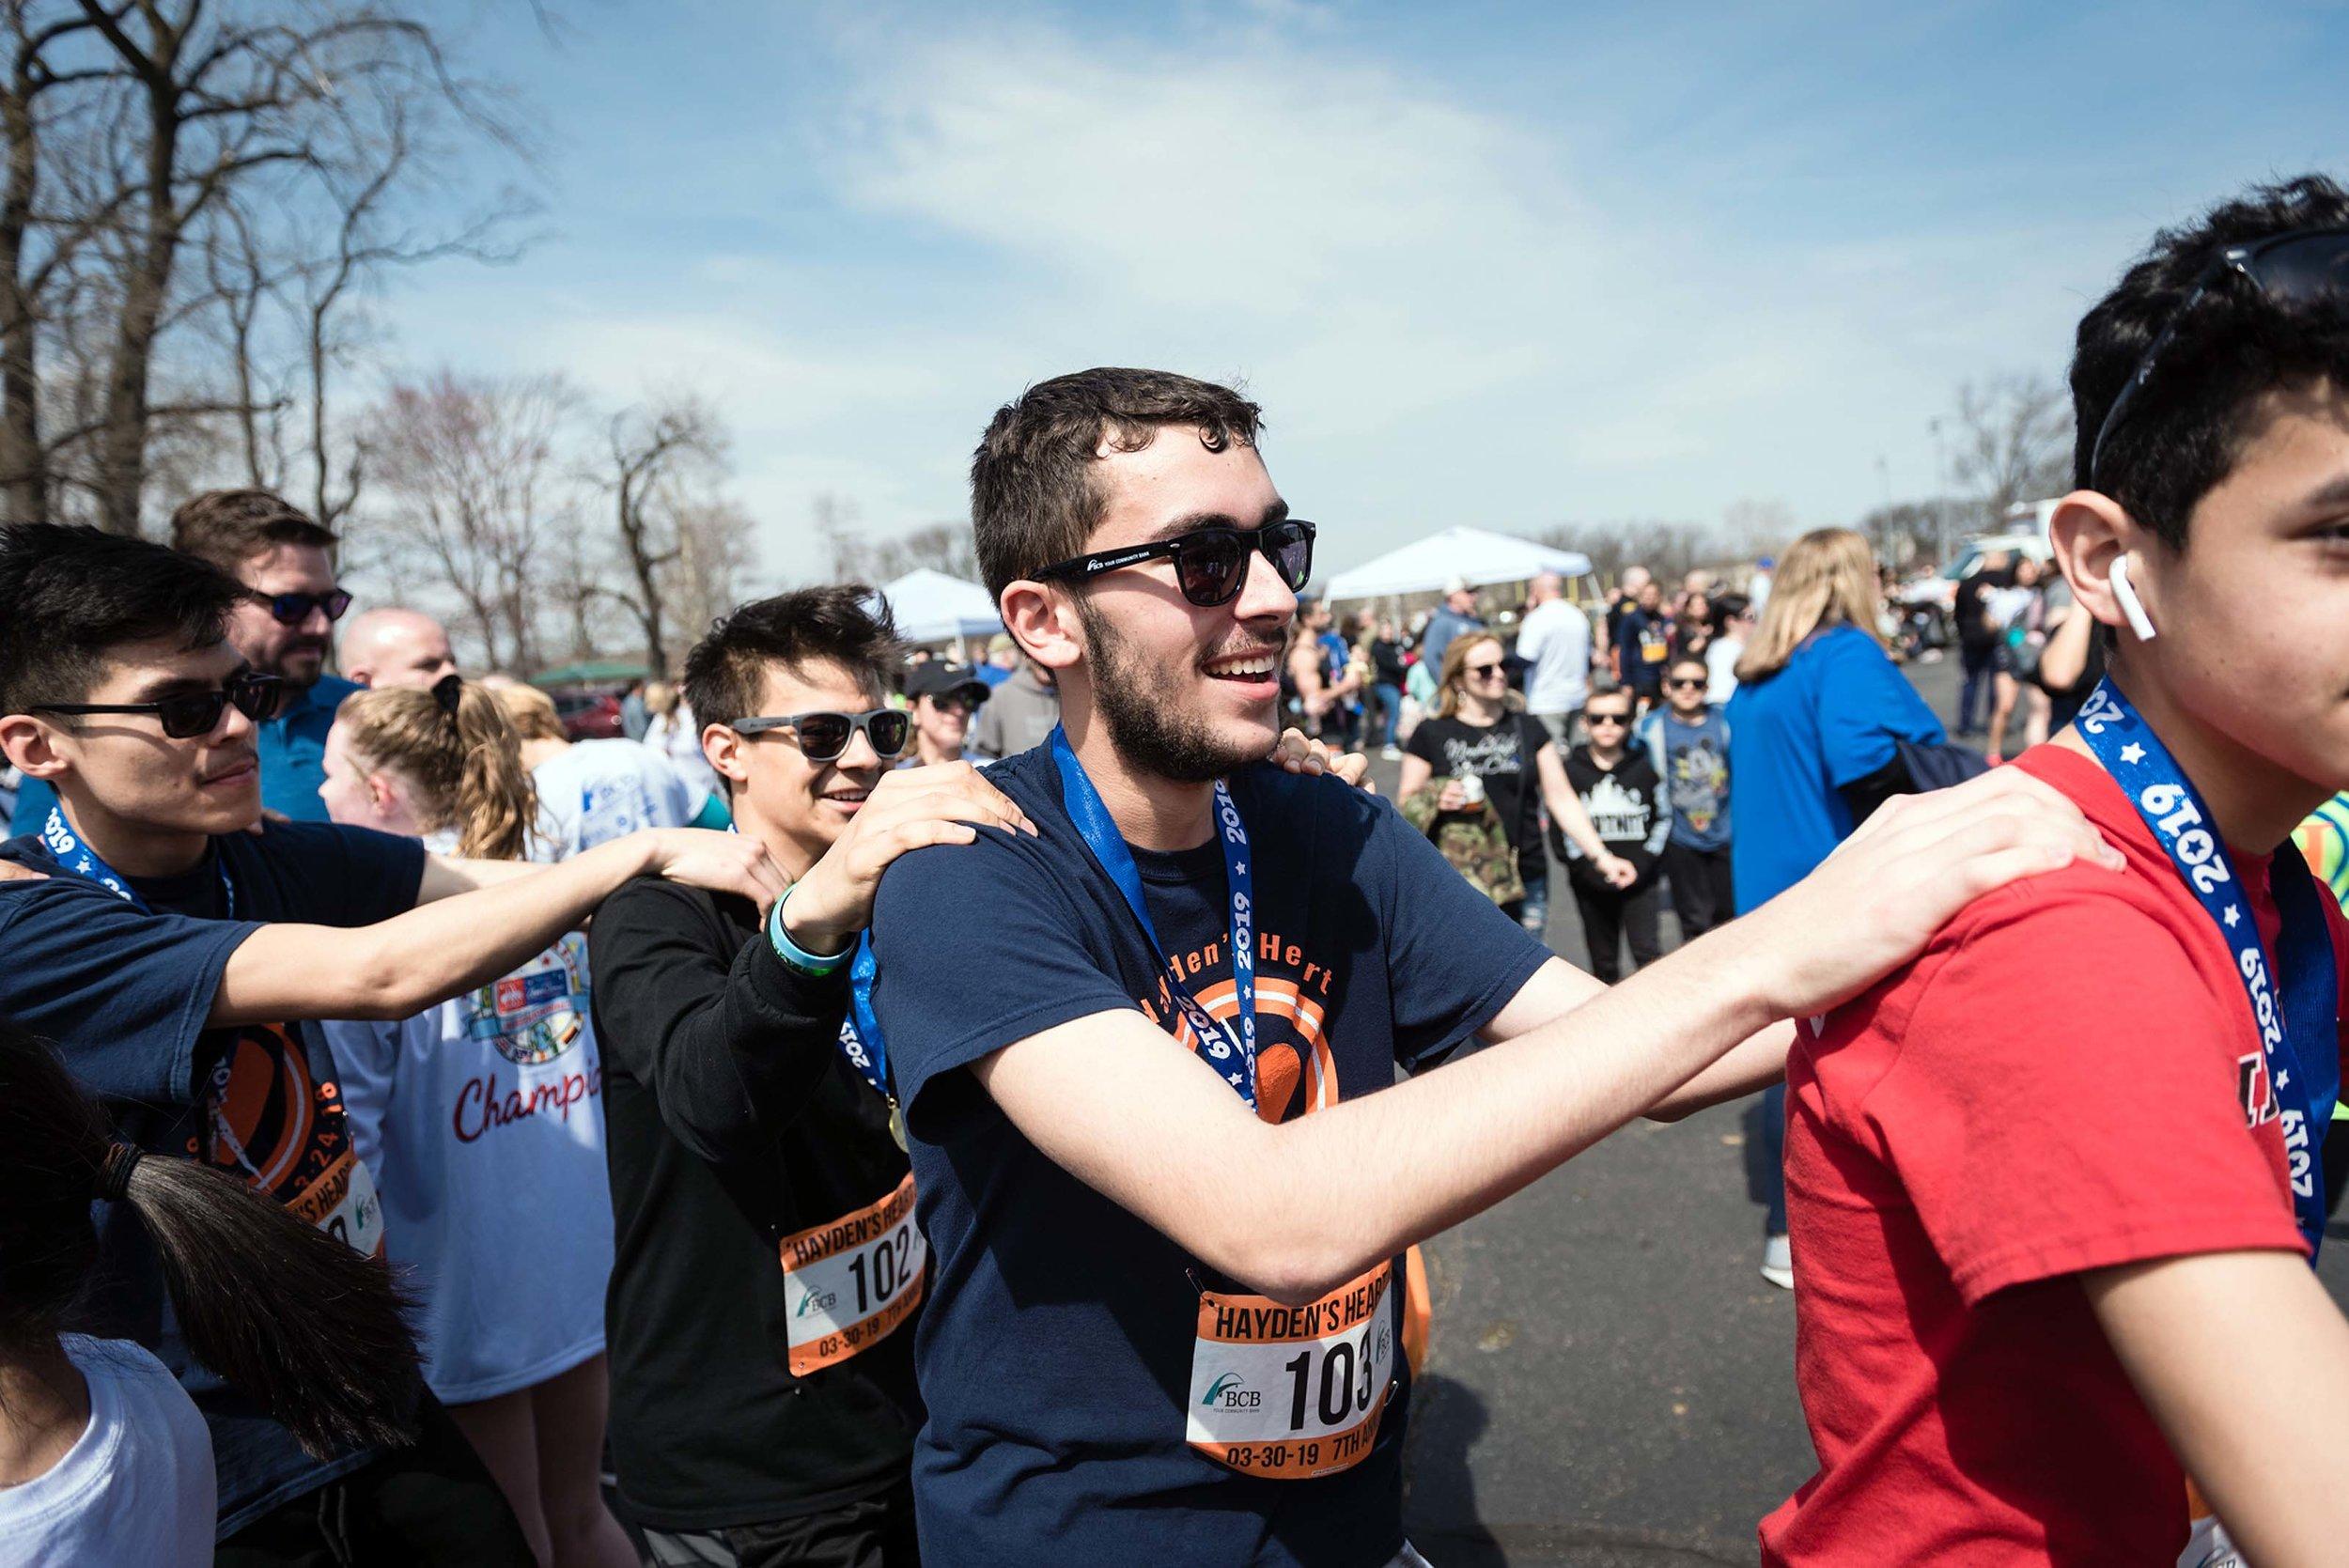 2019-03-30 Haydens Heart 5k - Riverside County Park - North Arlington NJ-422.jpg